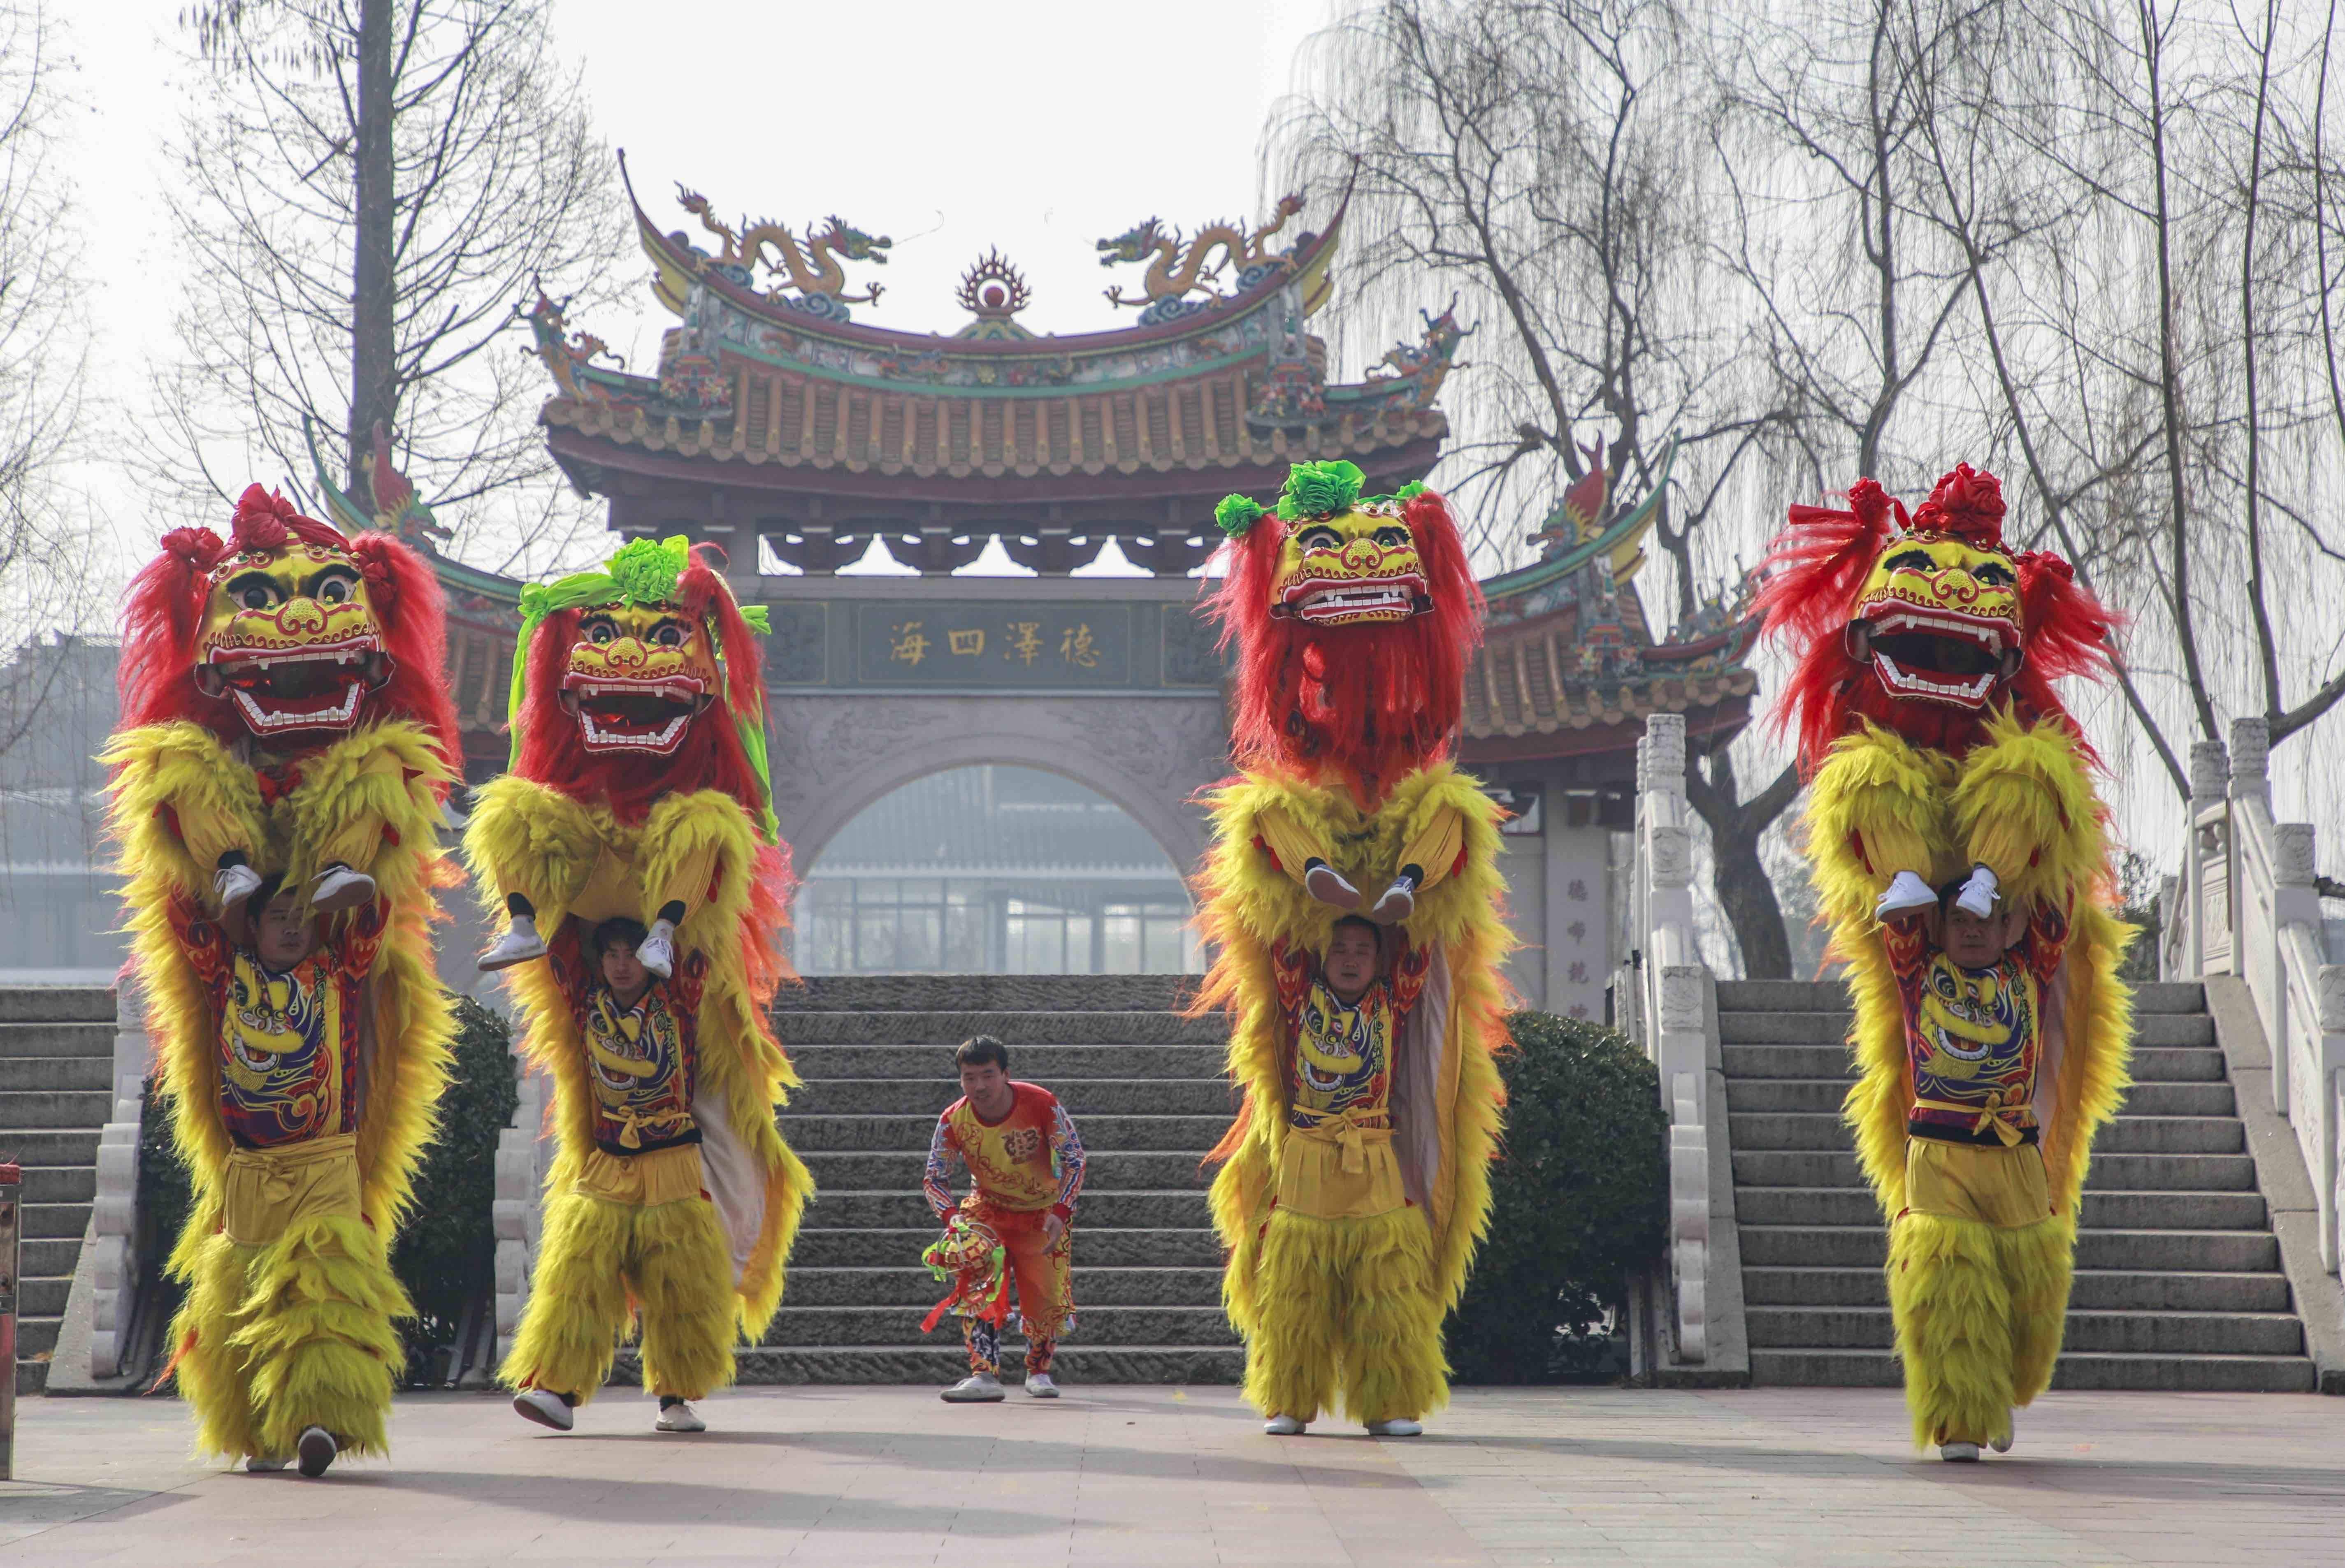 北狮贺岁迎春节 台儿庄古城年味浓